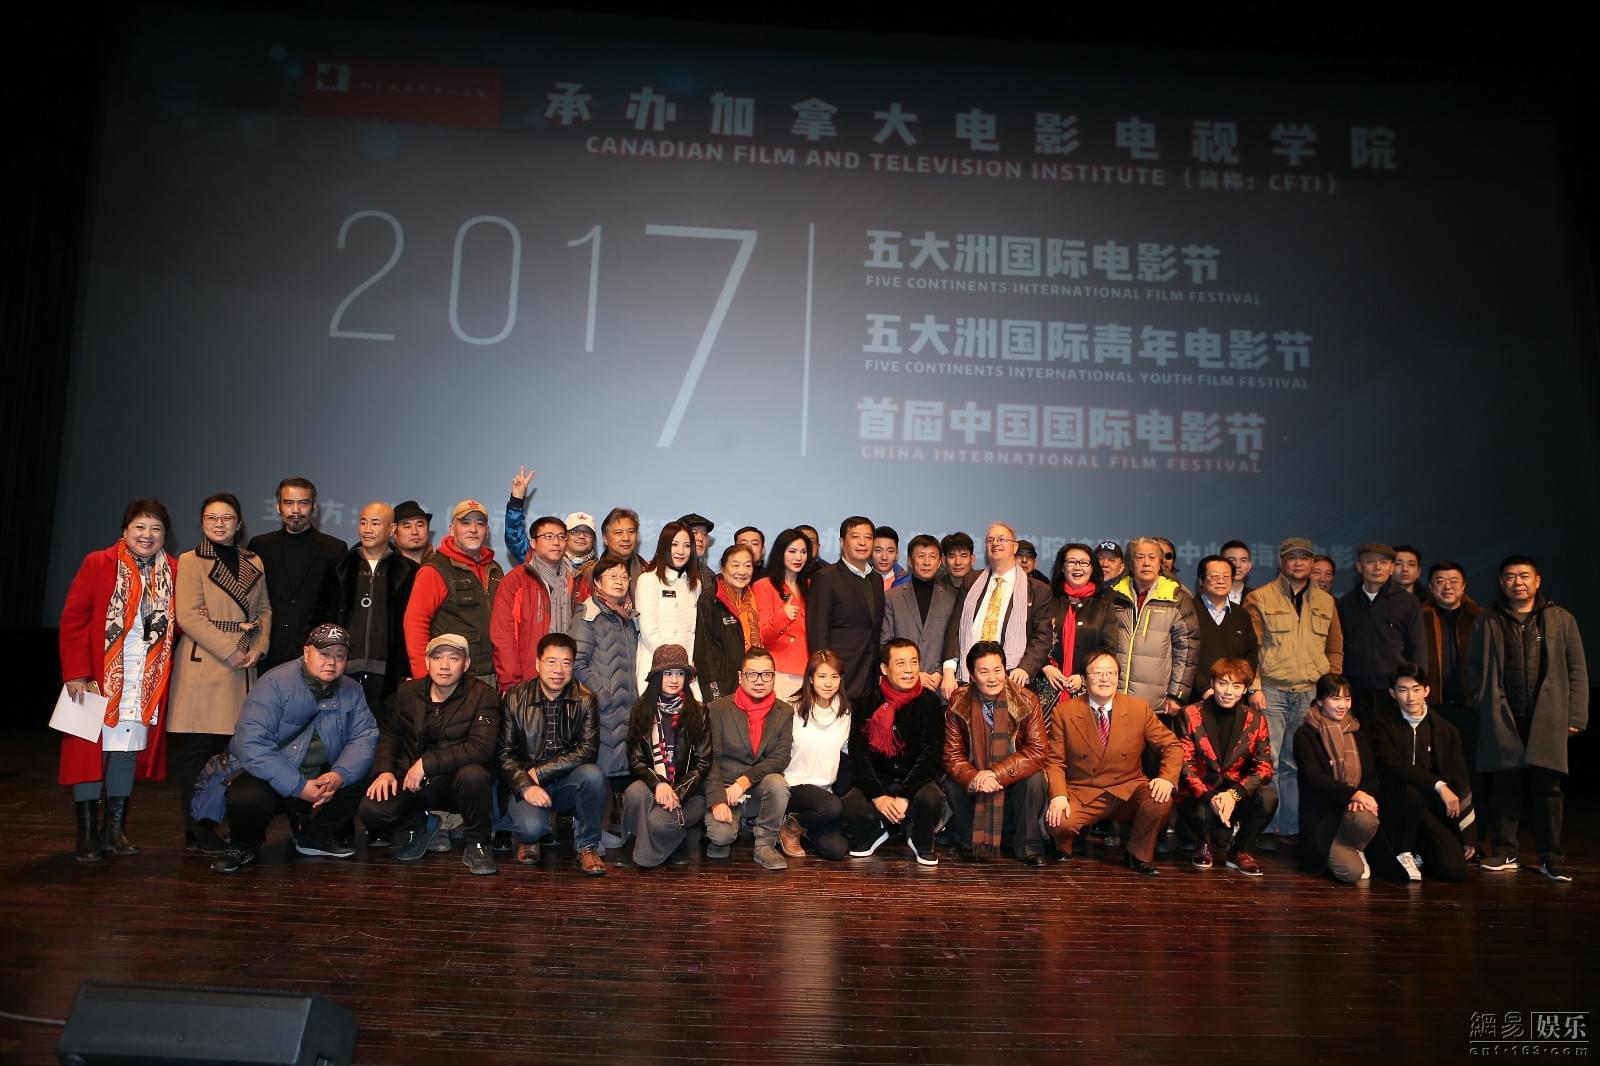 五大洲国际电影节嘉宾合影 - 复件